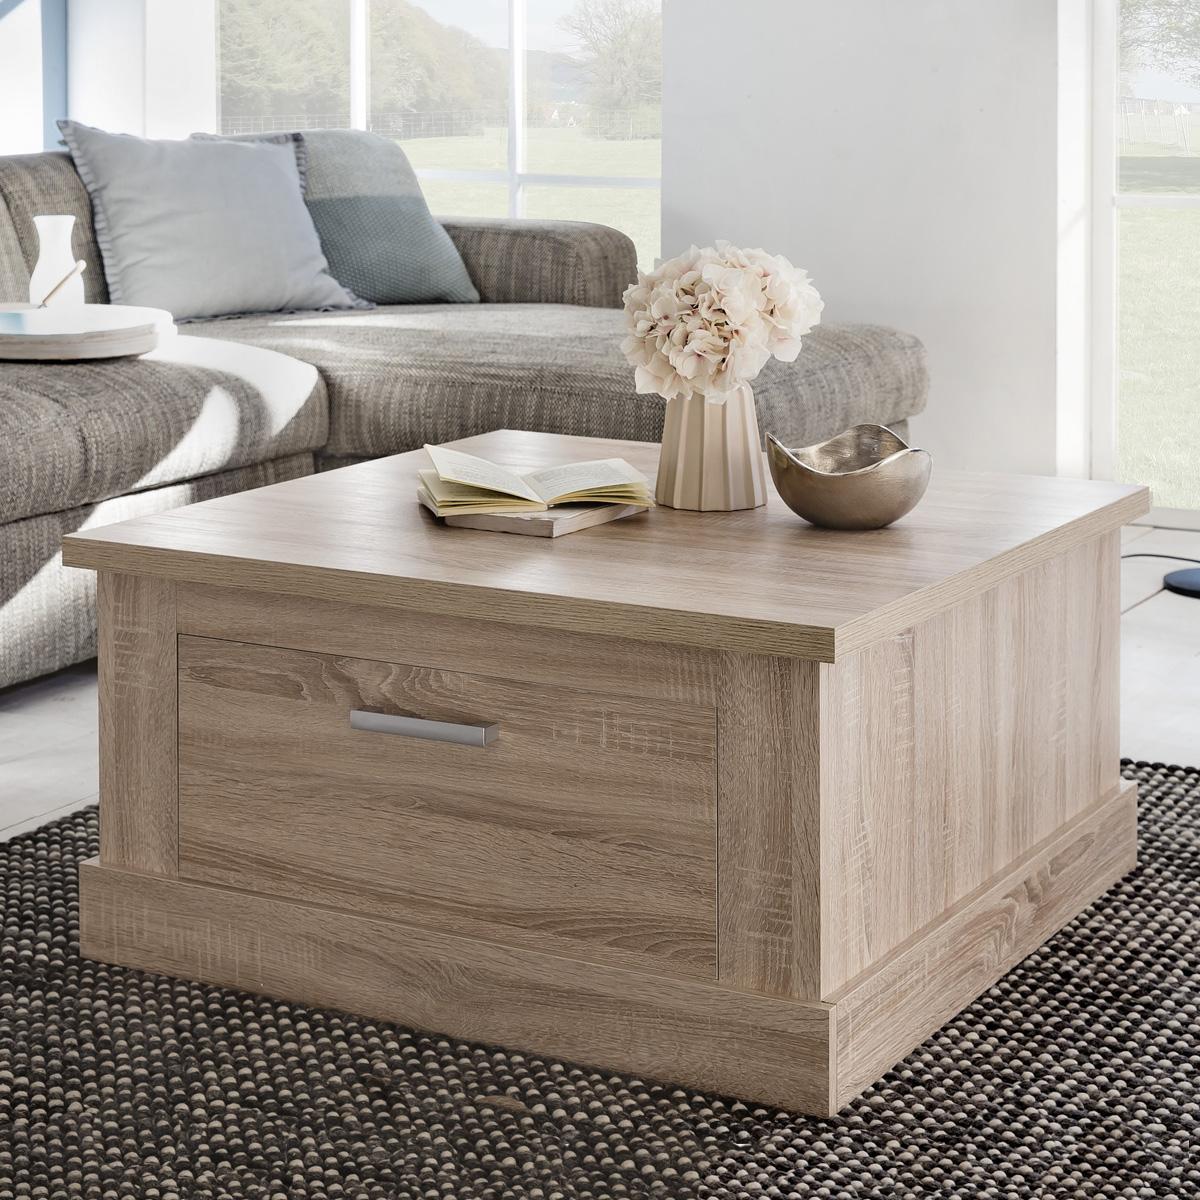 couchtisch universal eiche s gerau hell dekor wohnzimmer tisch mit schubk sten. Black Bedroom Furniture Sets. Home Design Ideas